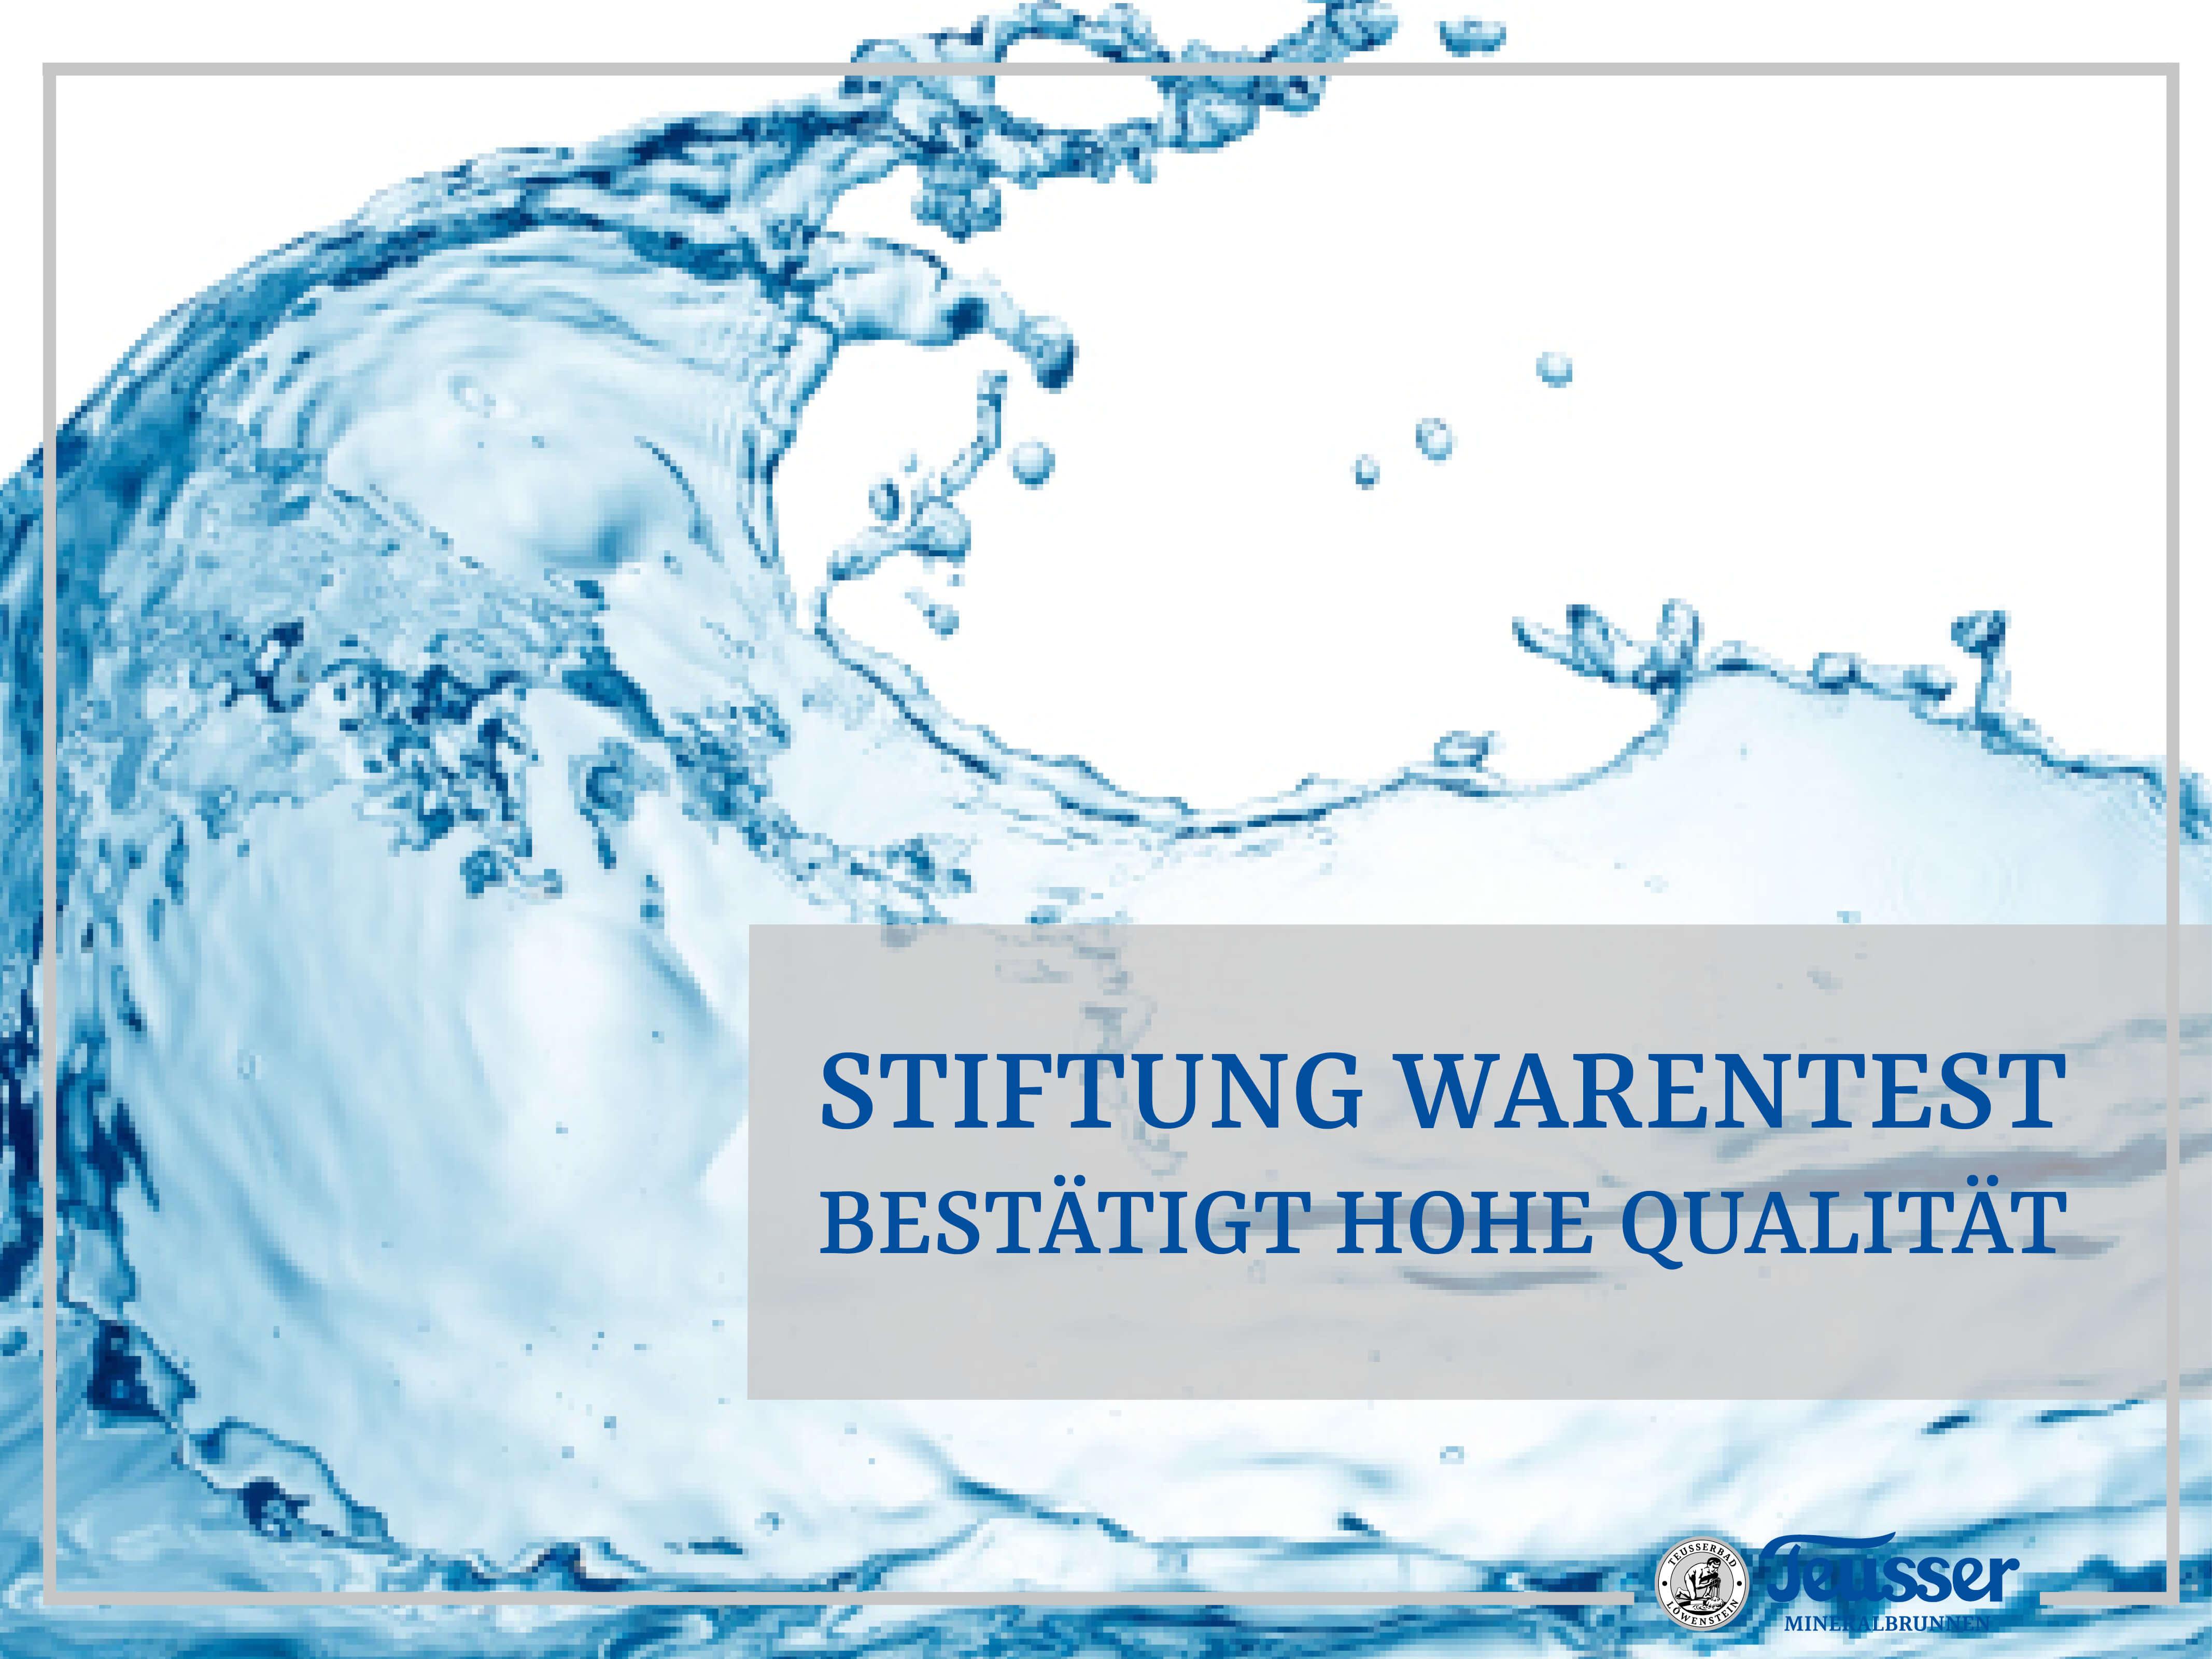 Stiftung Warentest bestätigt die hohe Qualität von Mineralwasser